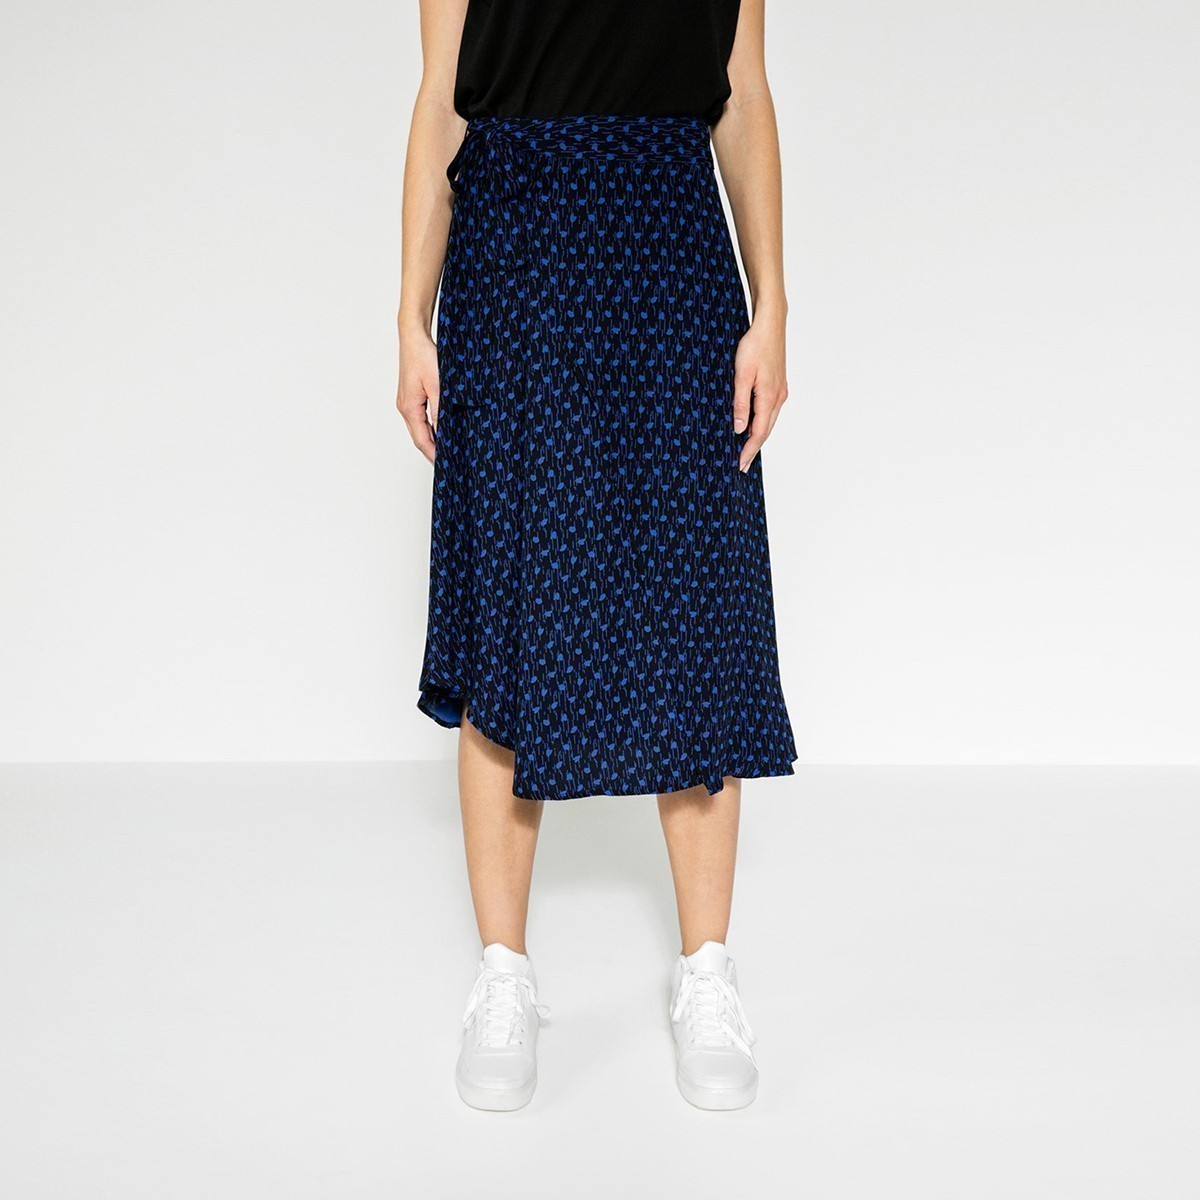 Černá zavinovací sukně s modrými puntíky – M Pieces